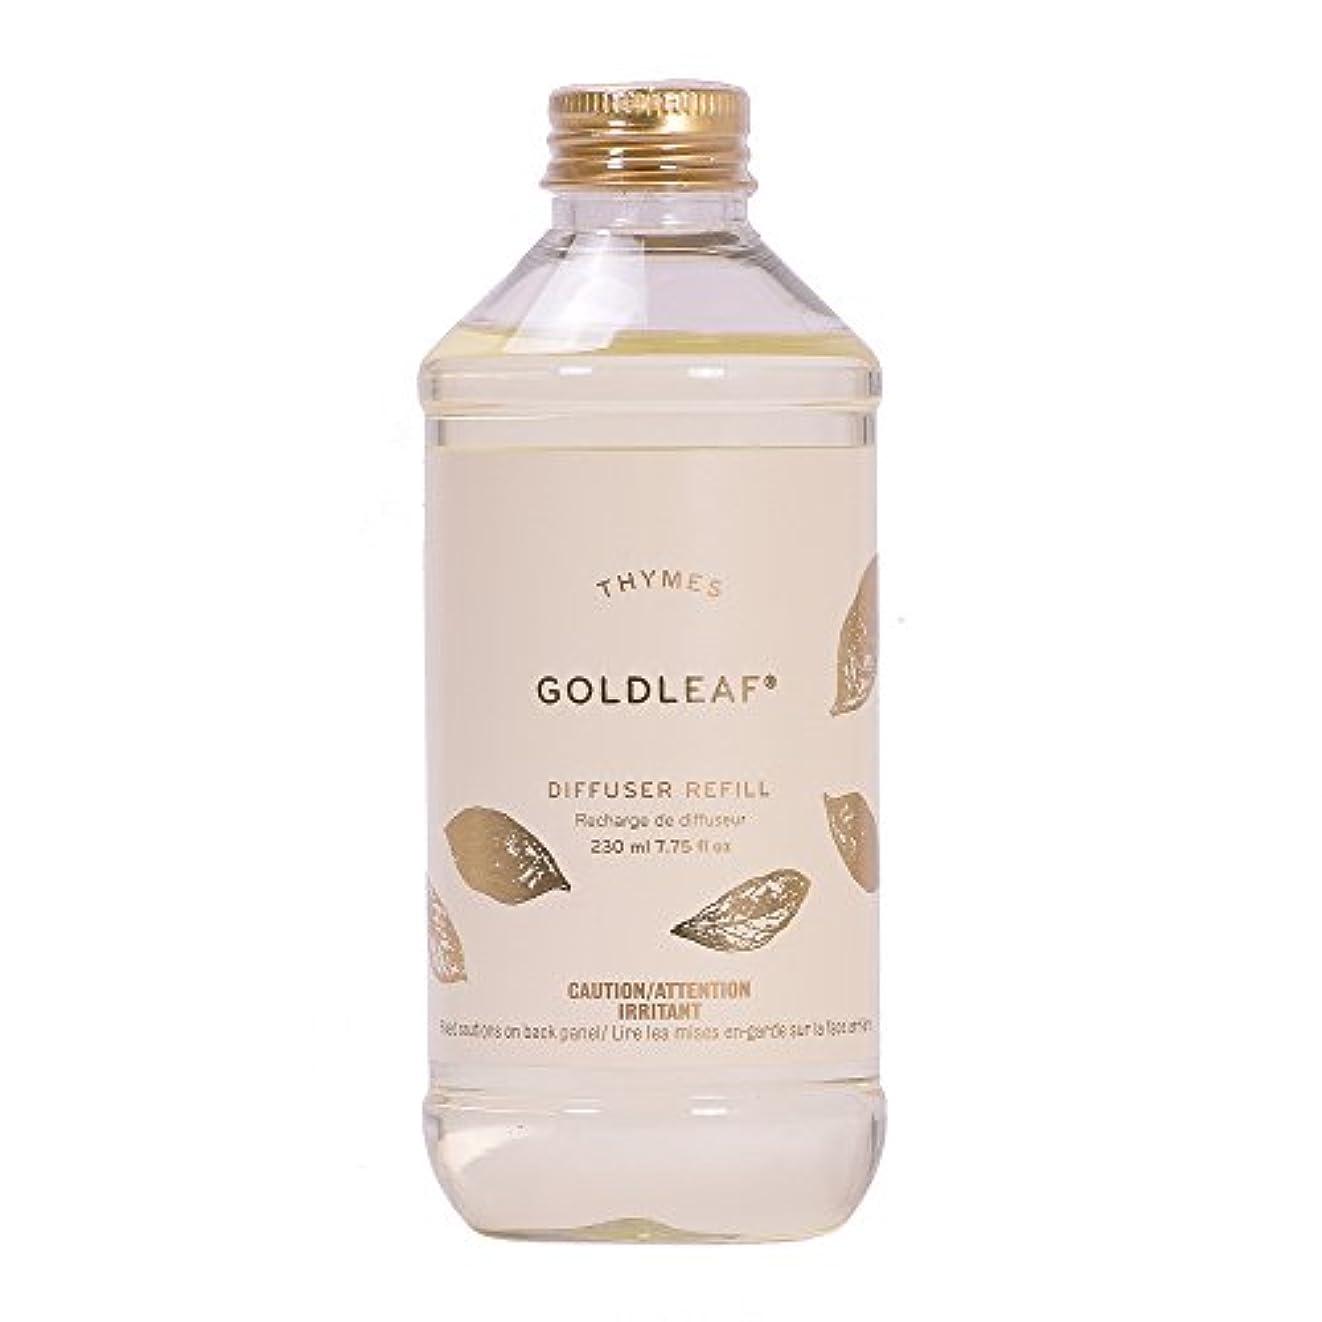 合法争い時々タイムズ Reed Diffuser Refill - Goldleaf 230ml/7.75oz並行輸入品